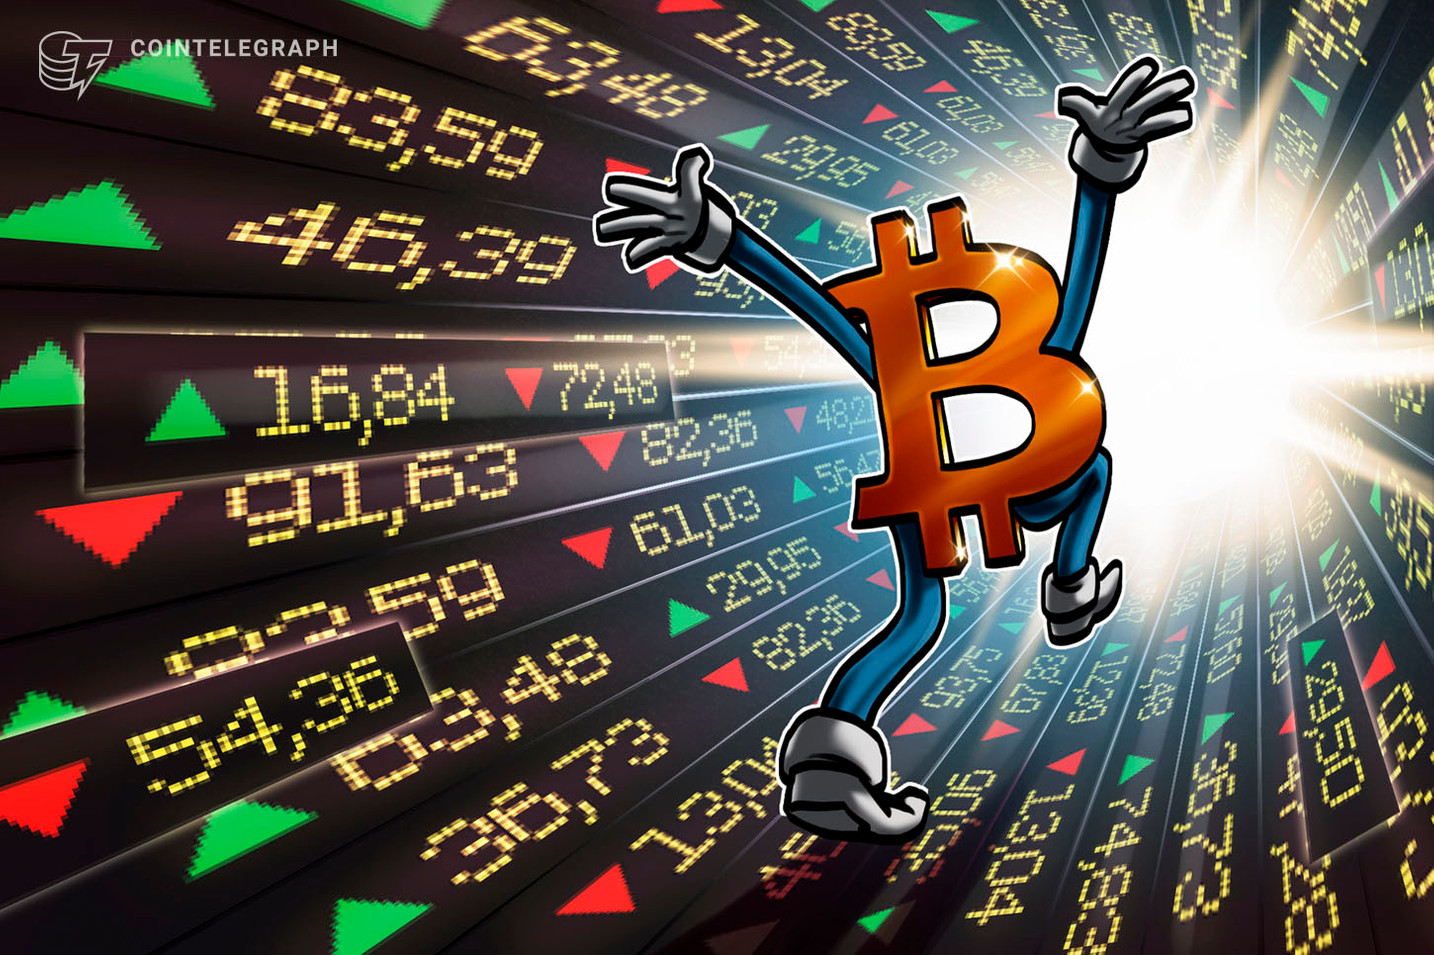 Los datos en cadena indican un aumento en la actividad de Bitcoin, pero hay un detalle